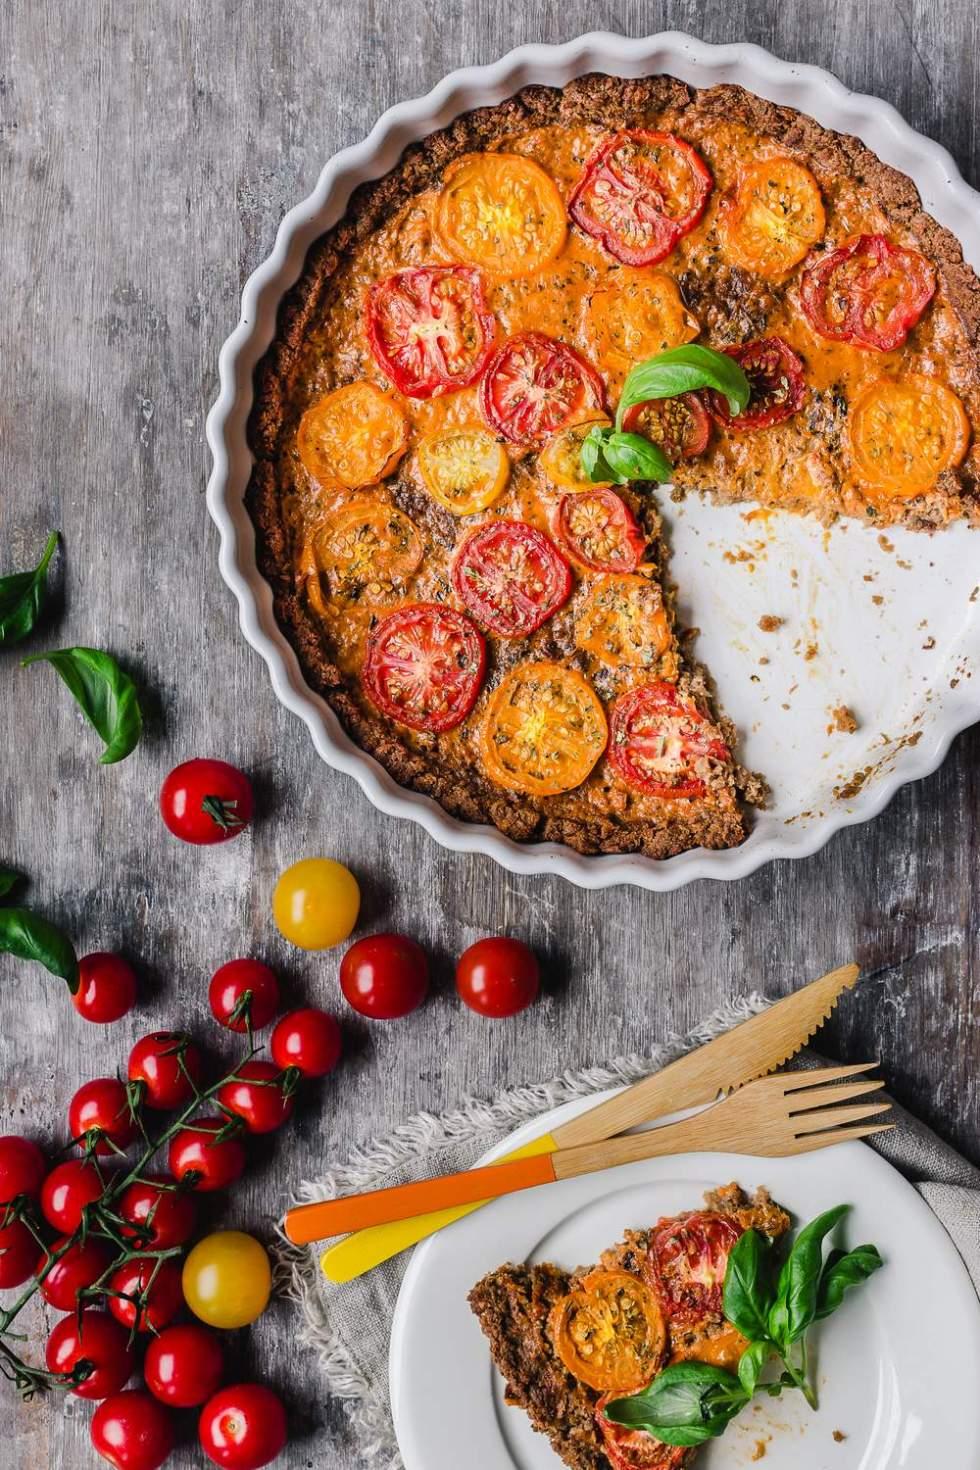 Nyhtökauraa luovasti Vegaaninen tomaattipiirakka Myberryforest.com